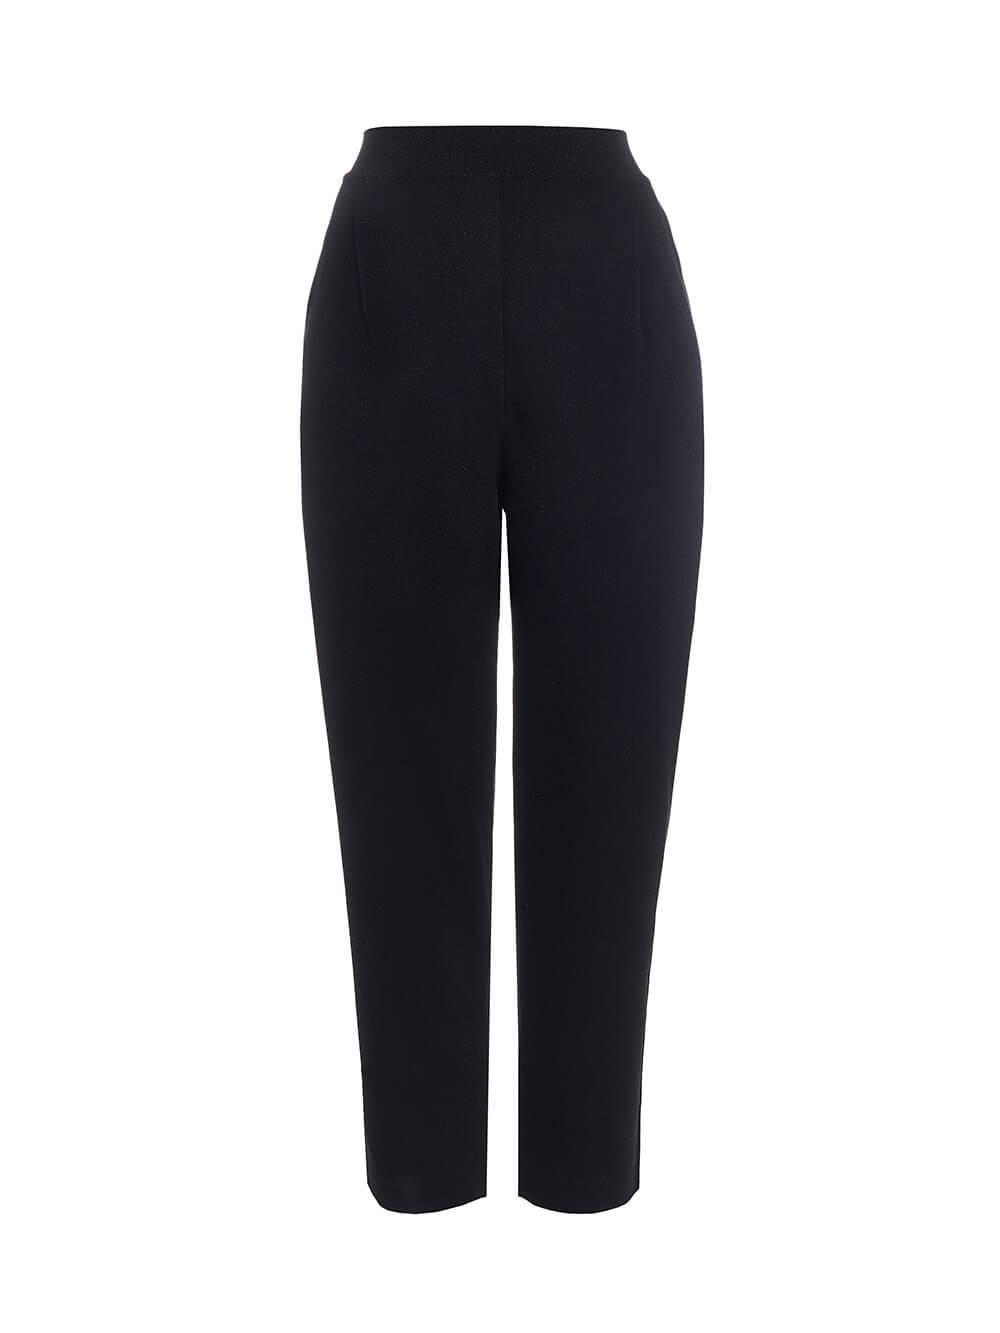 Женские брюки с защипами черного цвета из вискозы - фото 1